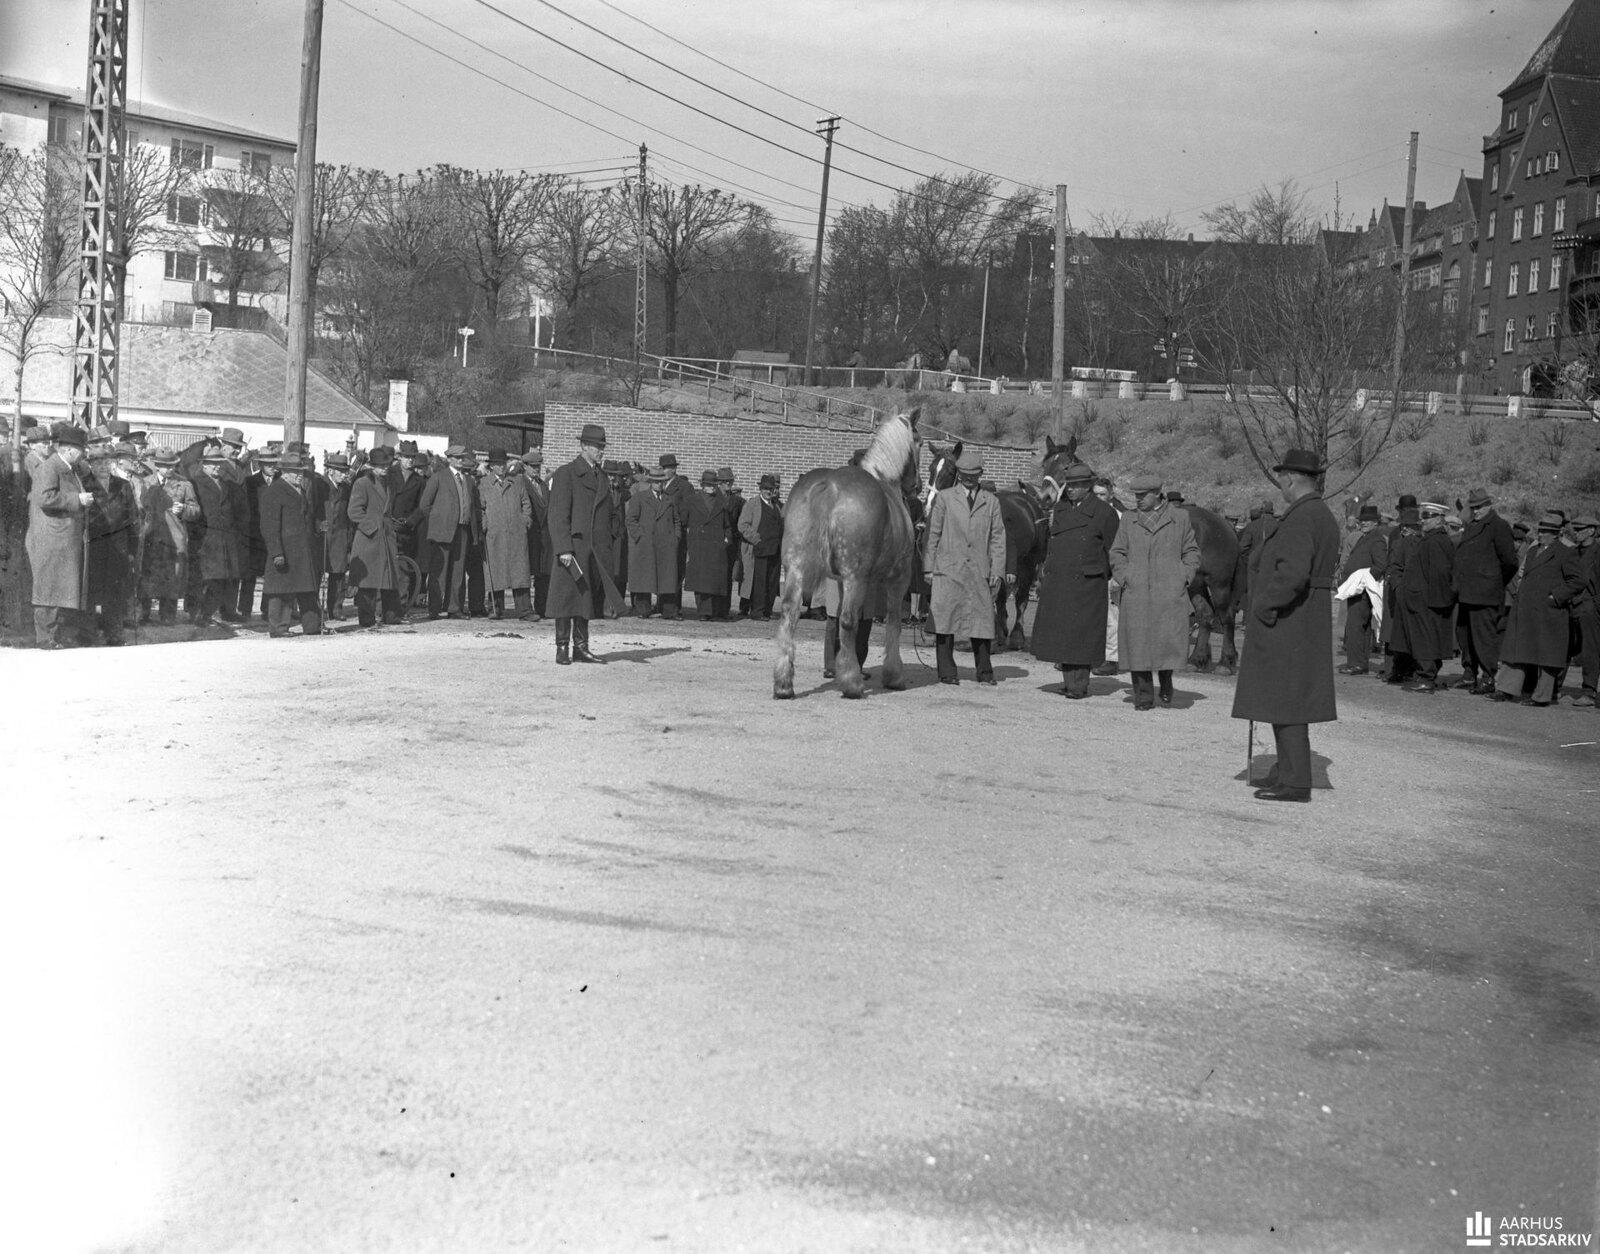 1940. Немцы приобретают лошадей в южной гавани. Германская комиссия по закупкам собрала 120 лошадей, из которых 73 были куплены. 29.04.